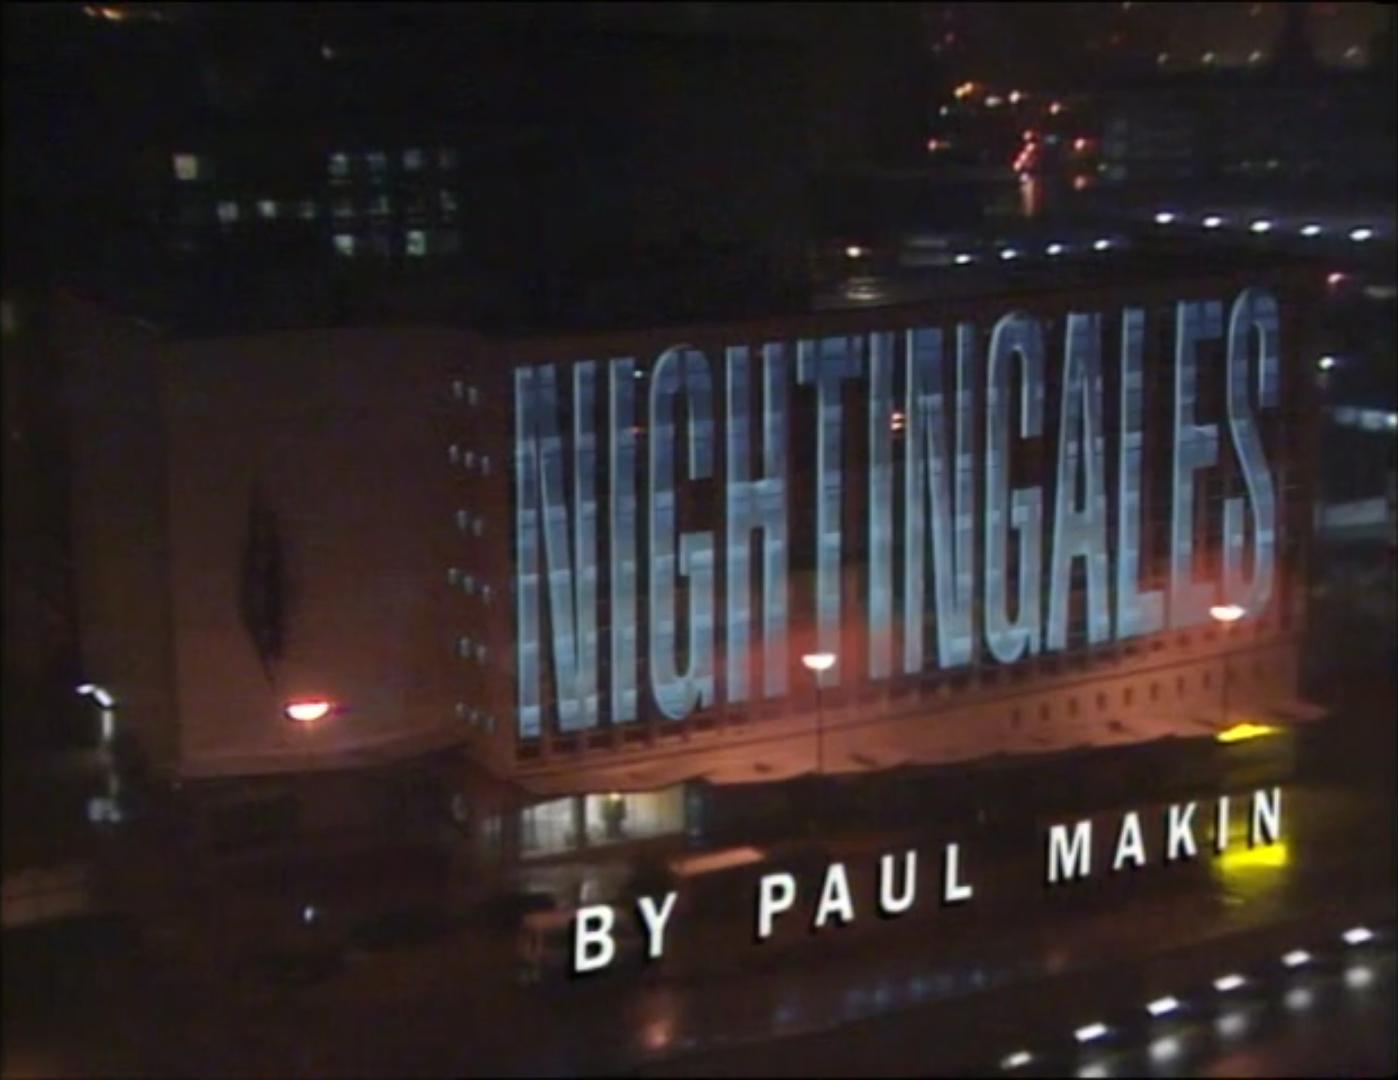 Nightingales (UK)